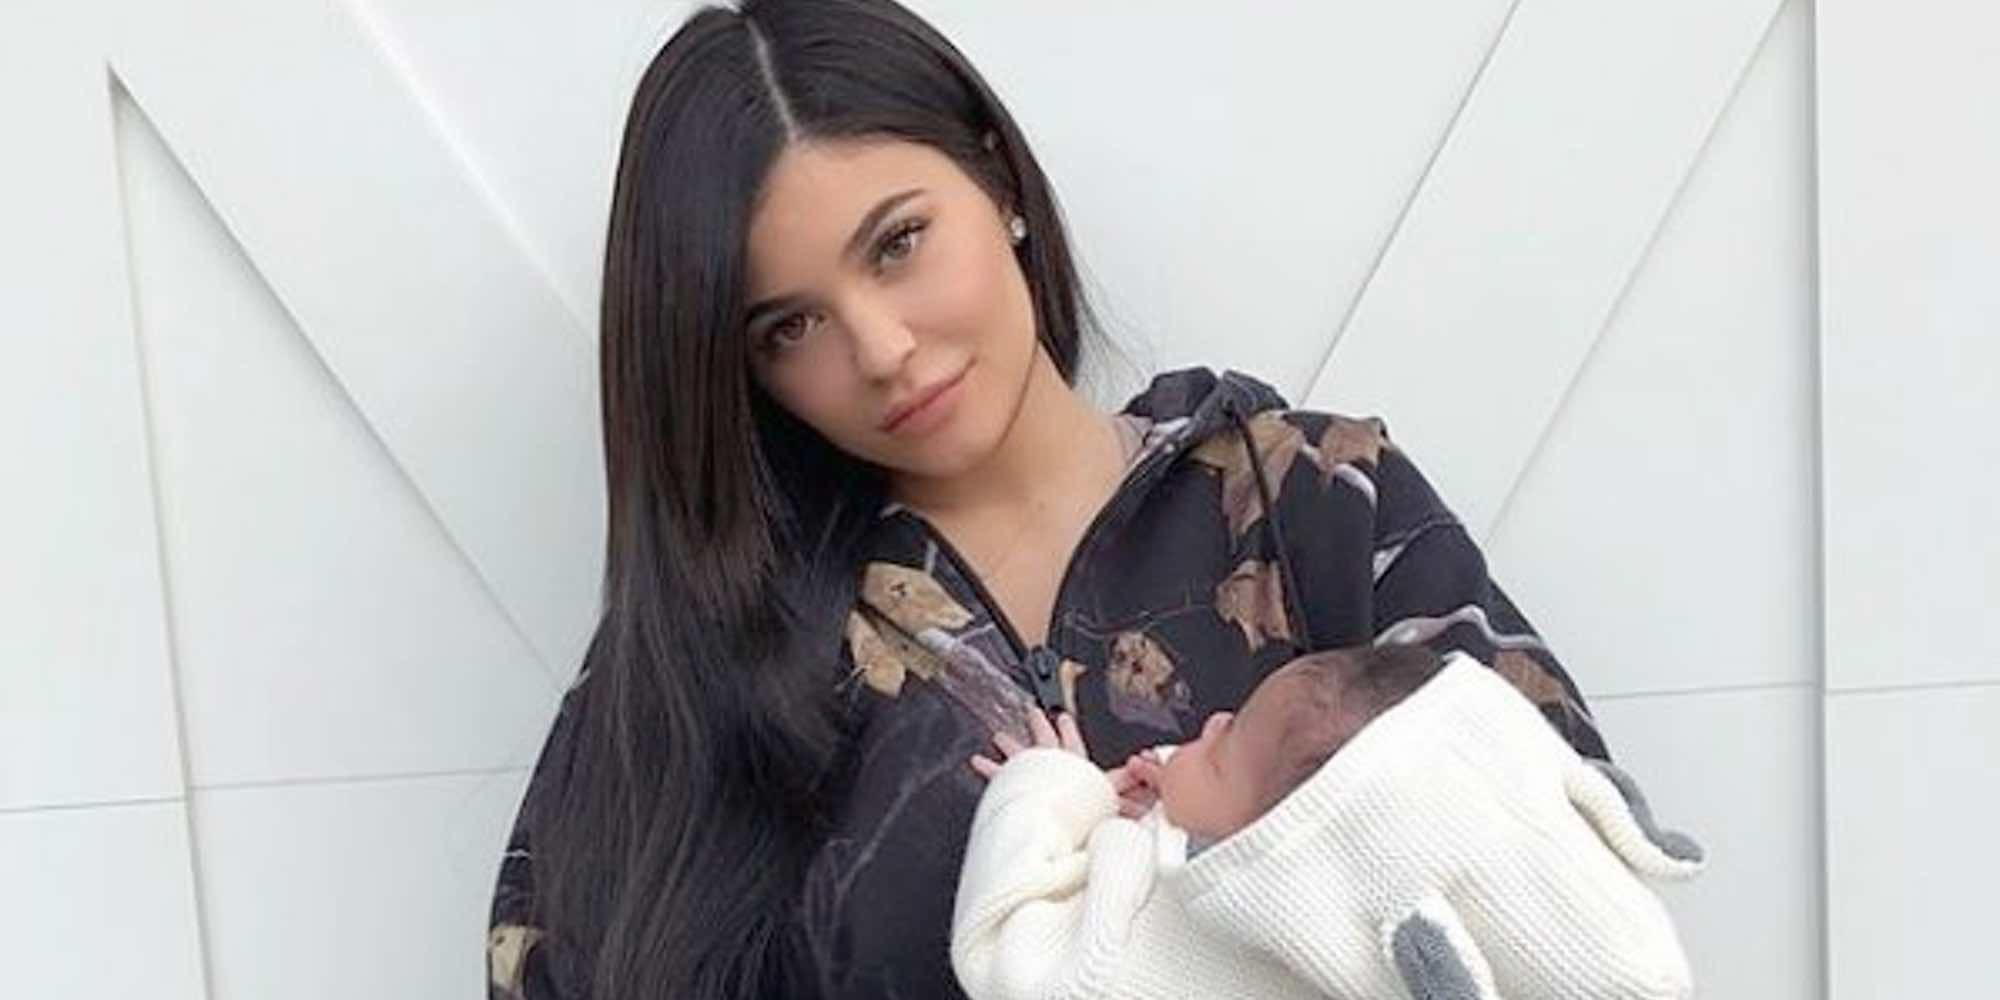 La maternidad hace olvidarse a Kylie Jenner de su faceta influencer